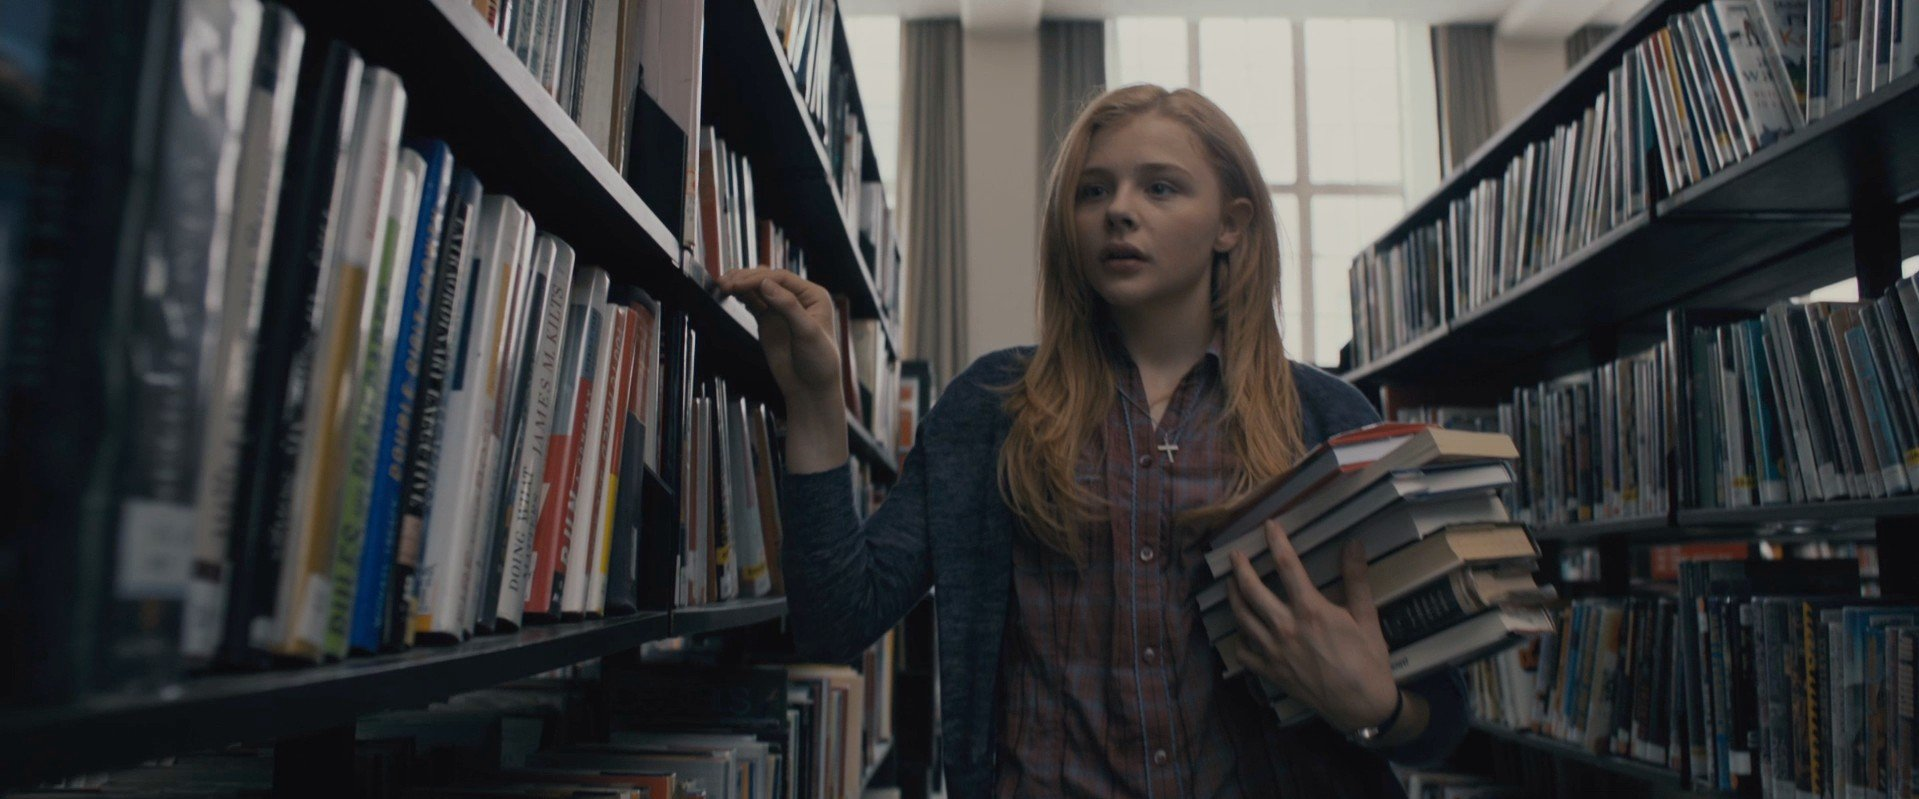 Carrie (2013) - DC FilmdomDC Filmdom   Entertainment ...